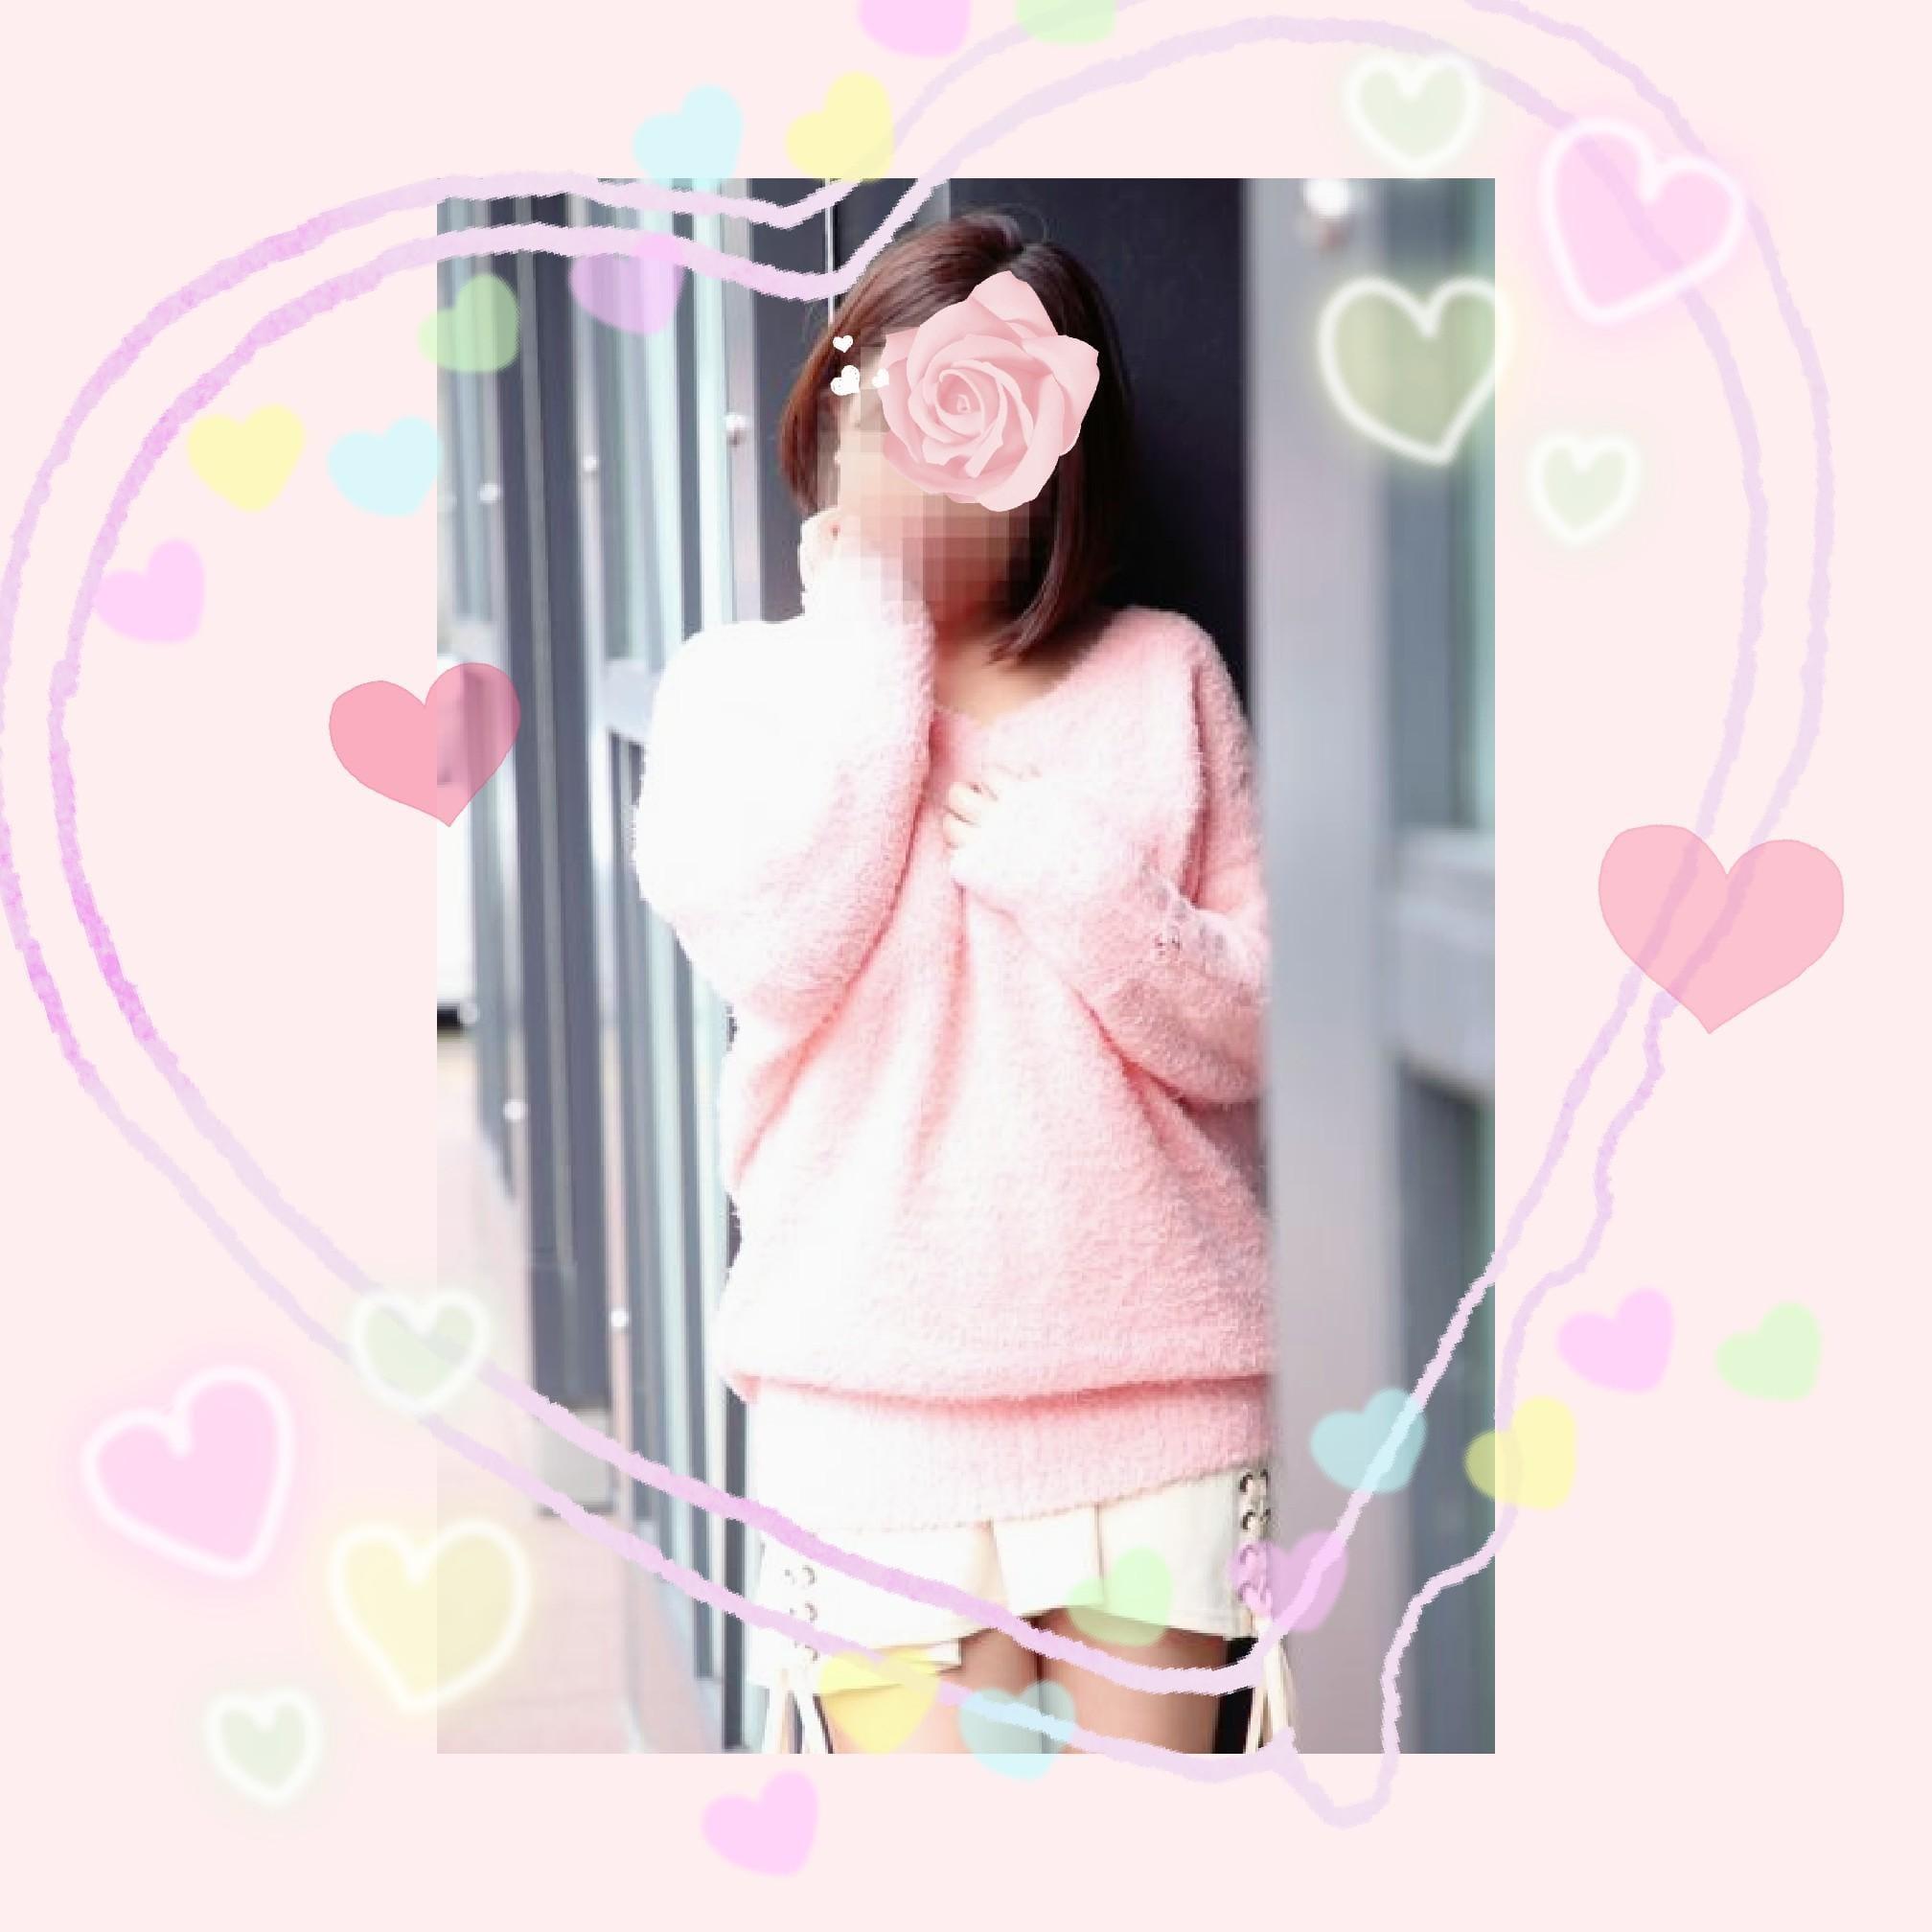 「こんばんは」11/06(火) 18:55   なつみの写メ・風俗動画